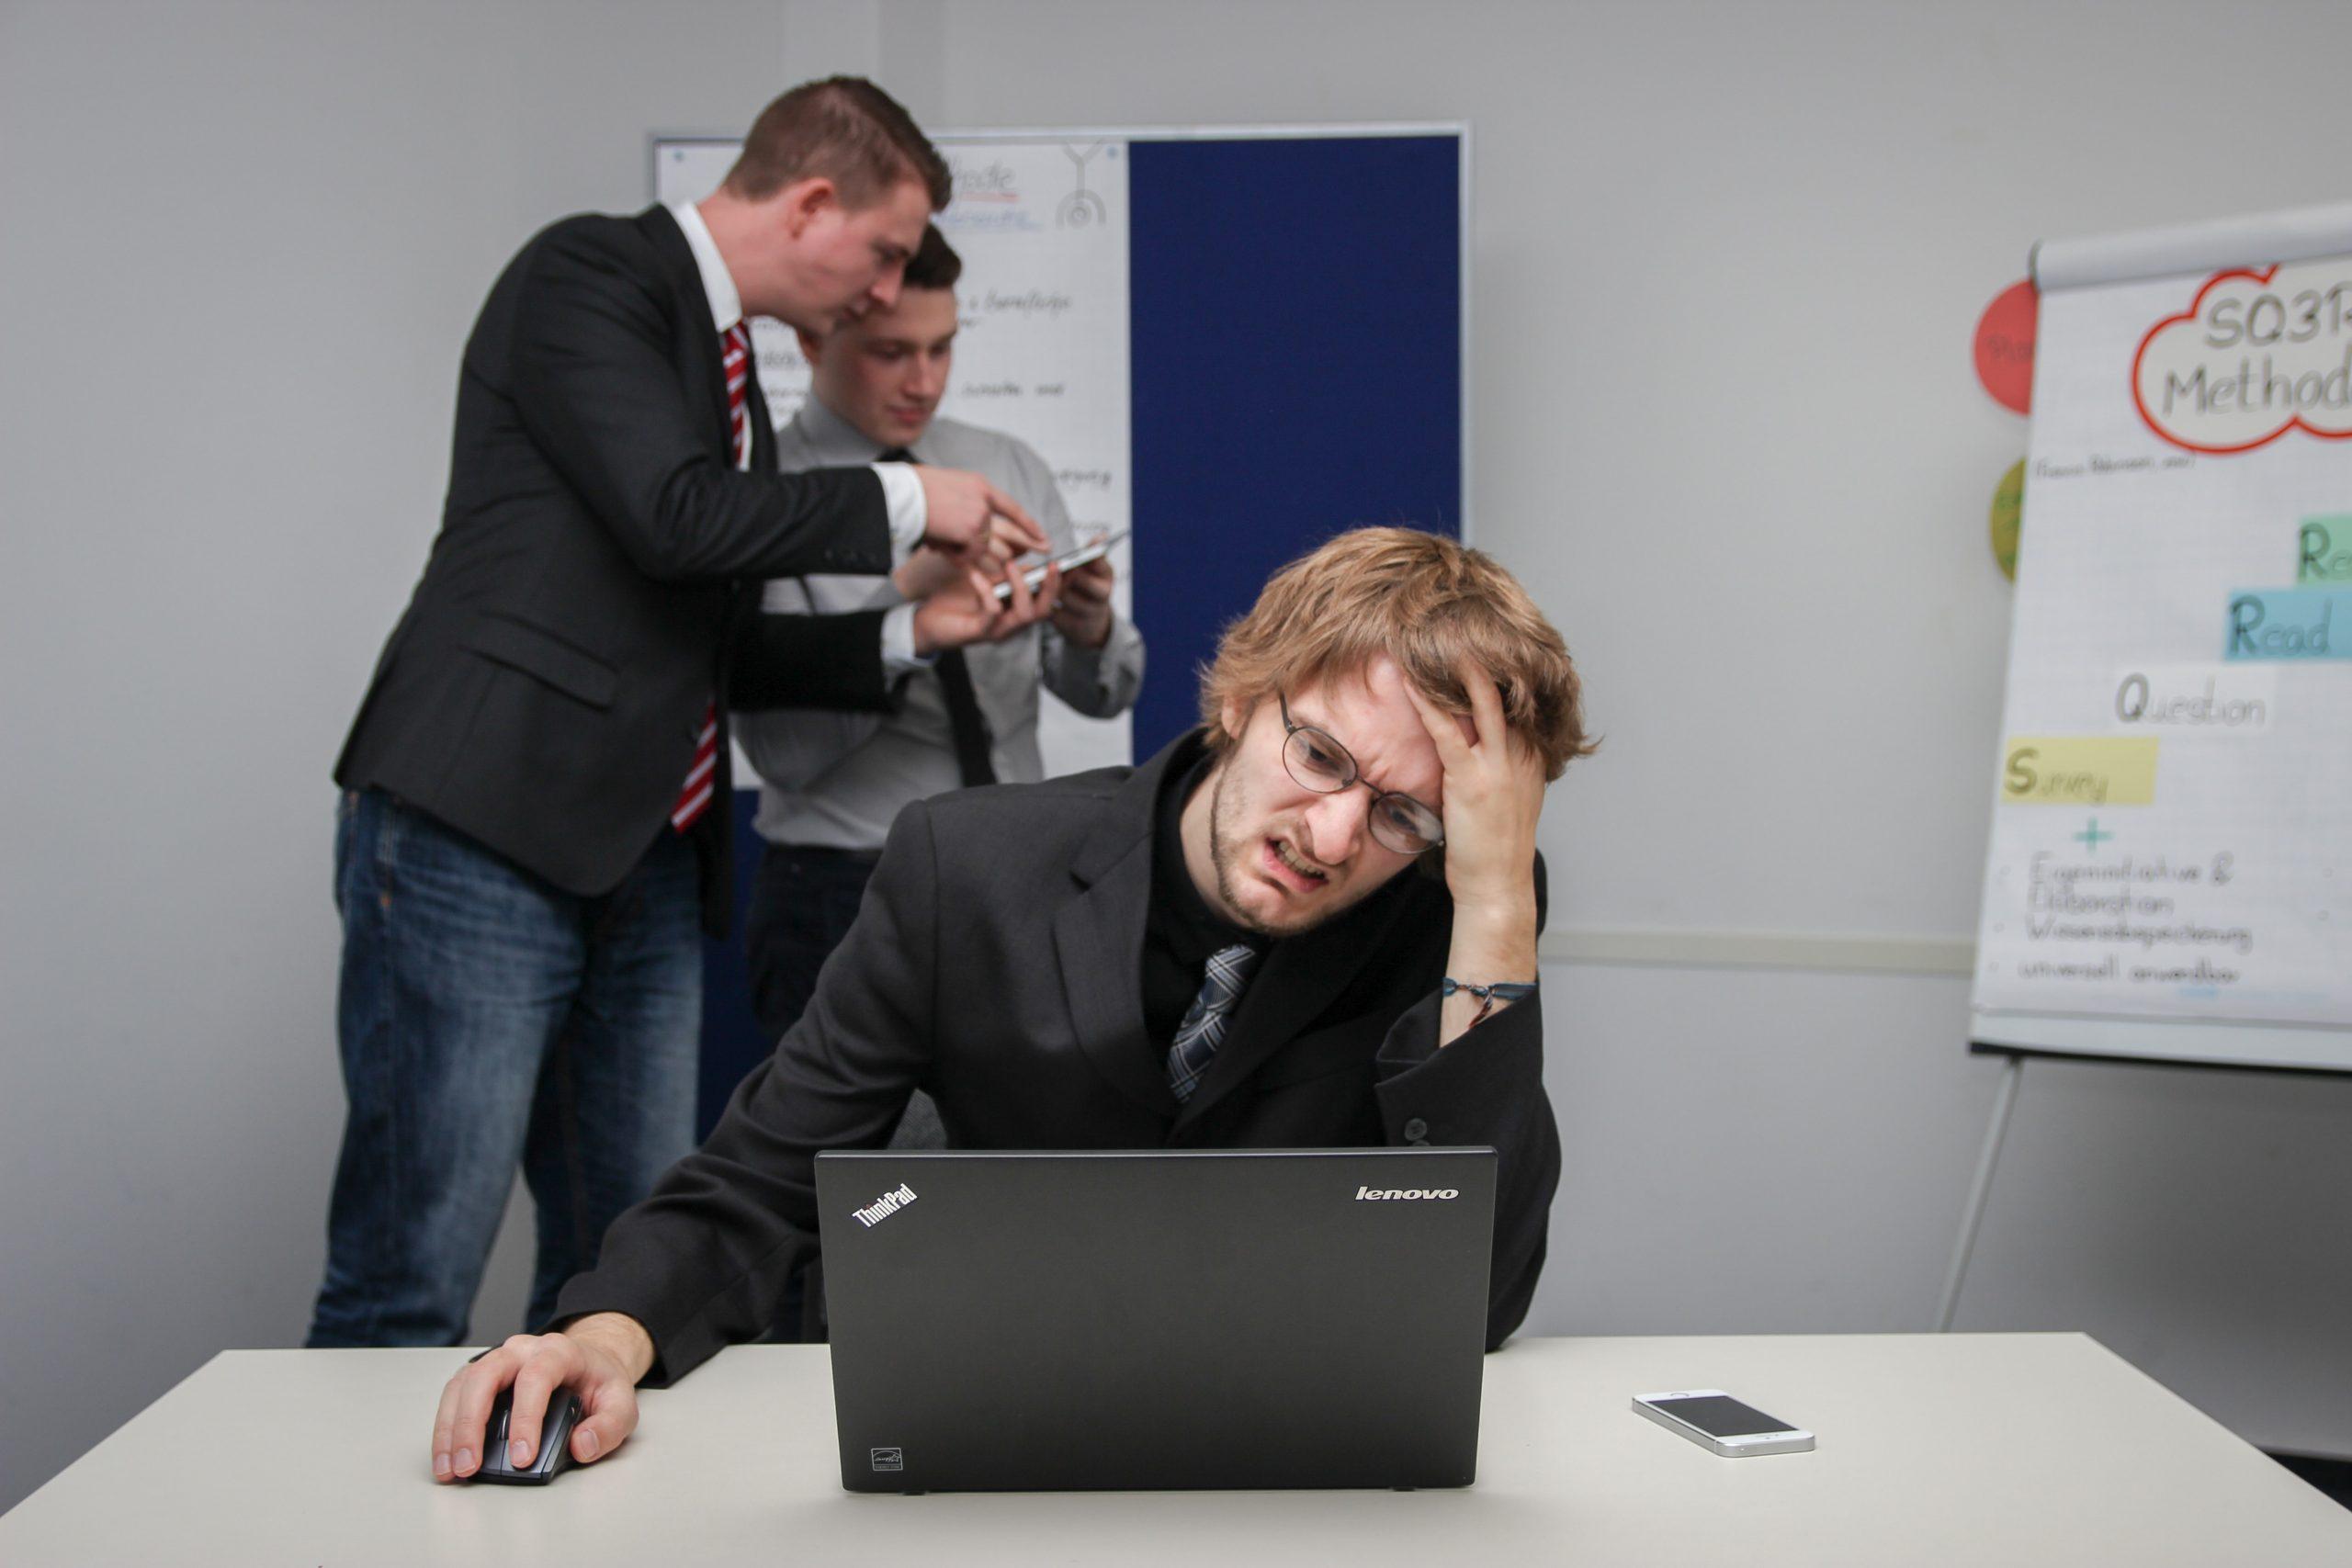 Problem solving vs processo decisionale in azienda